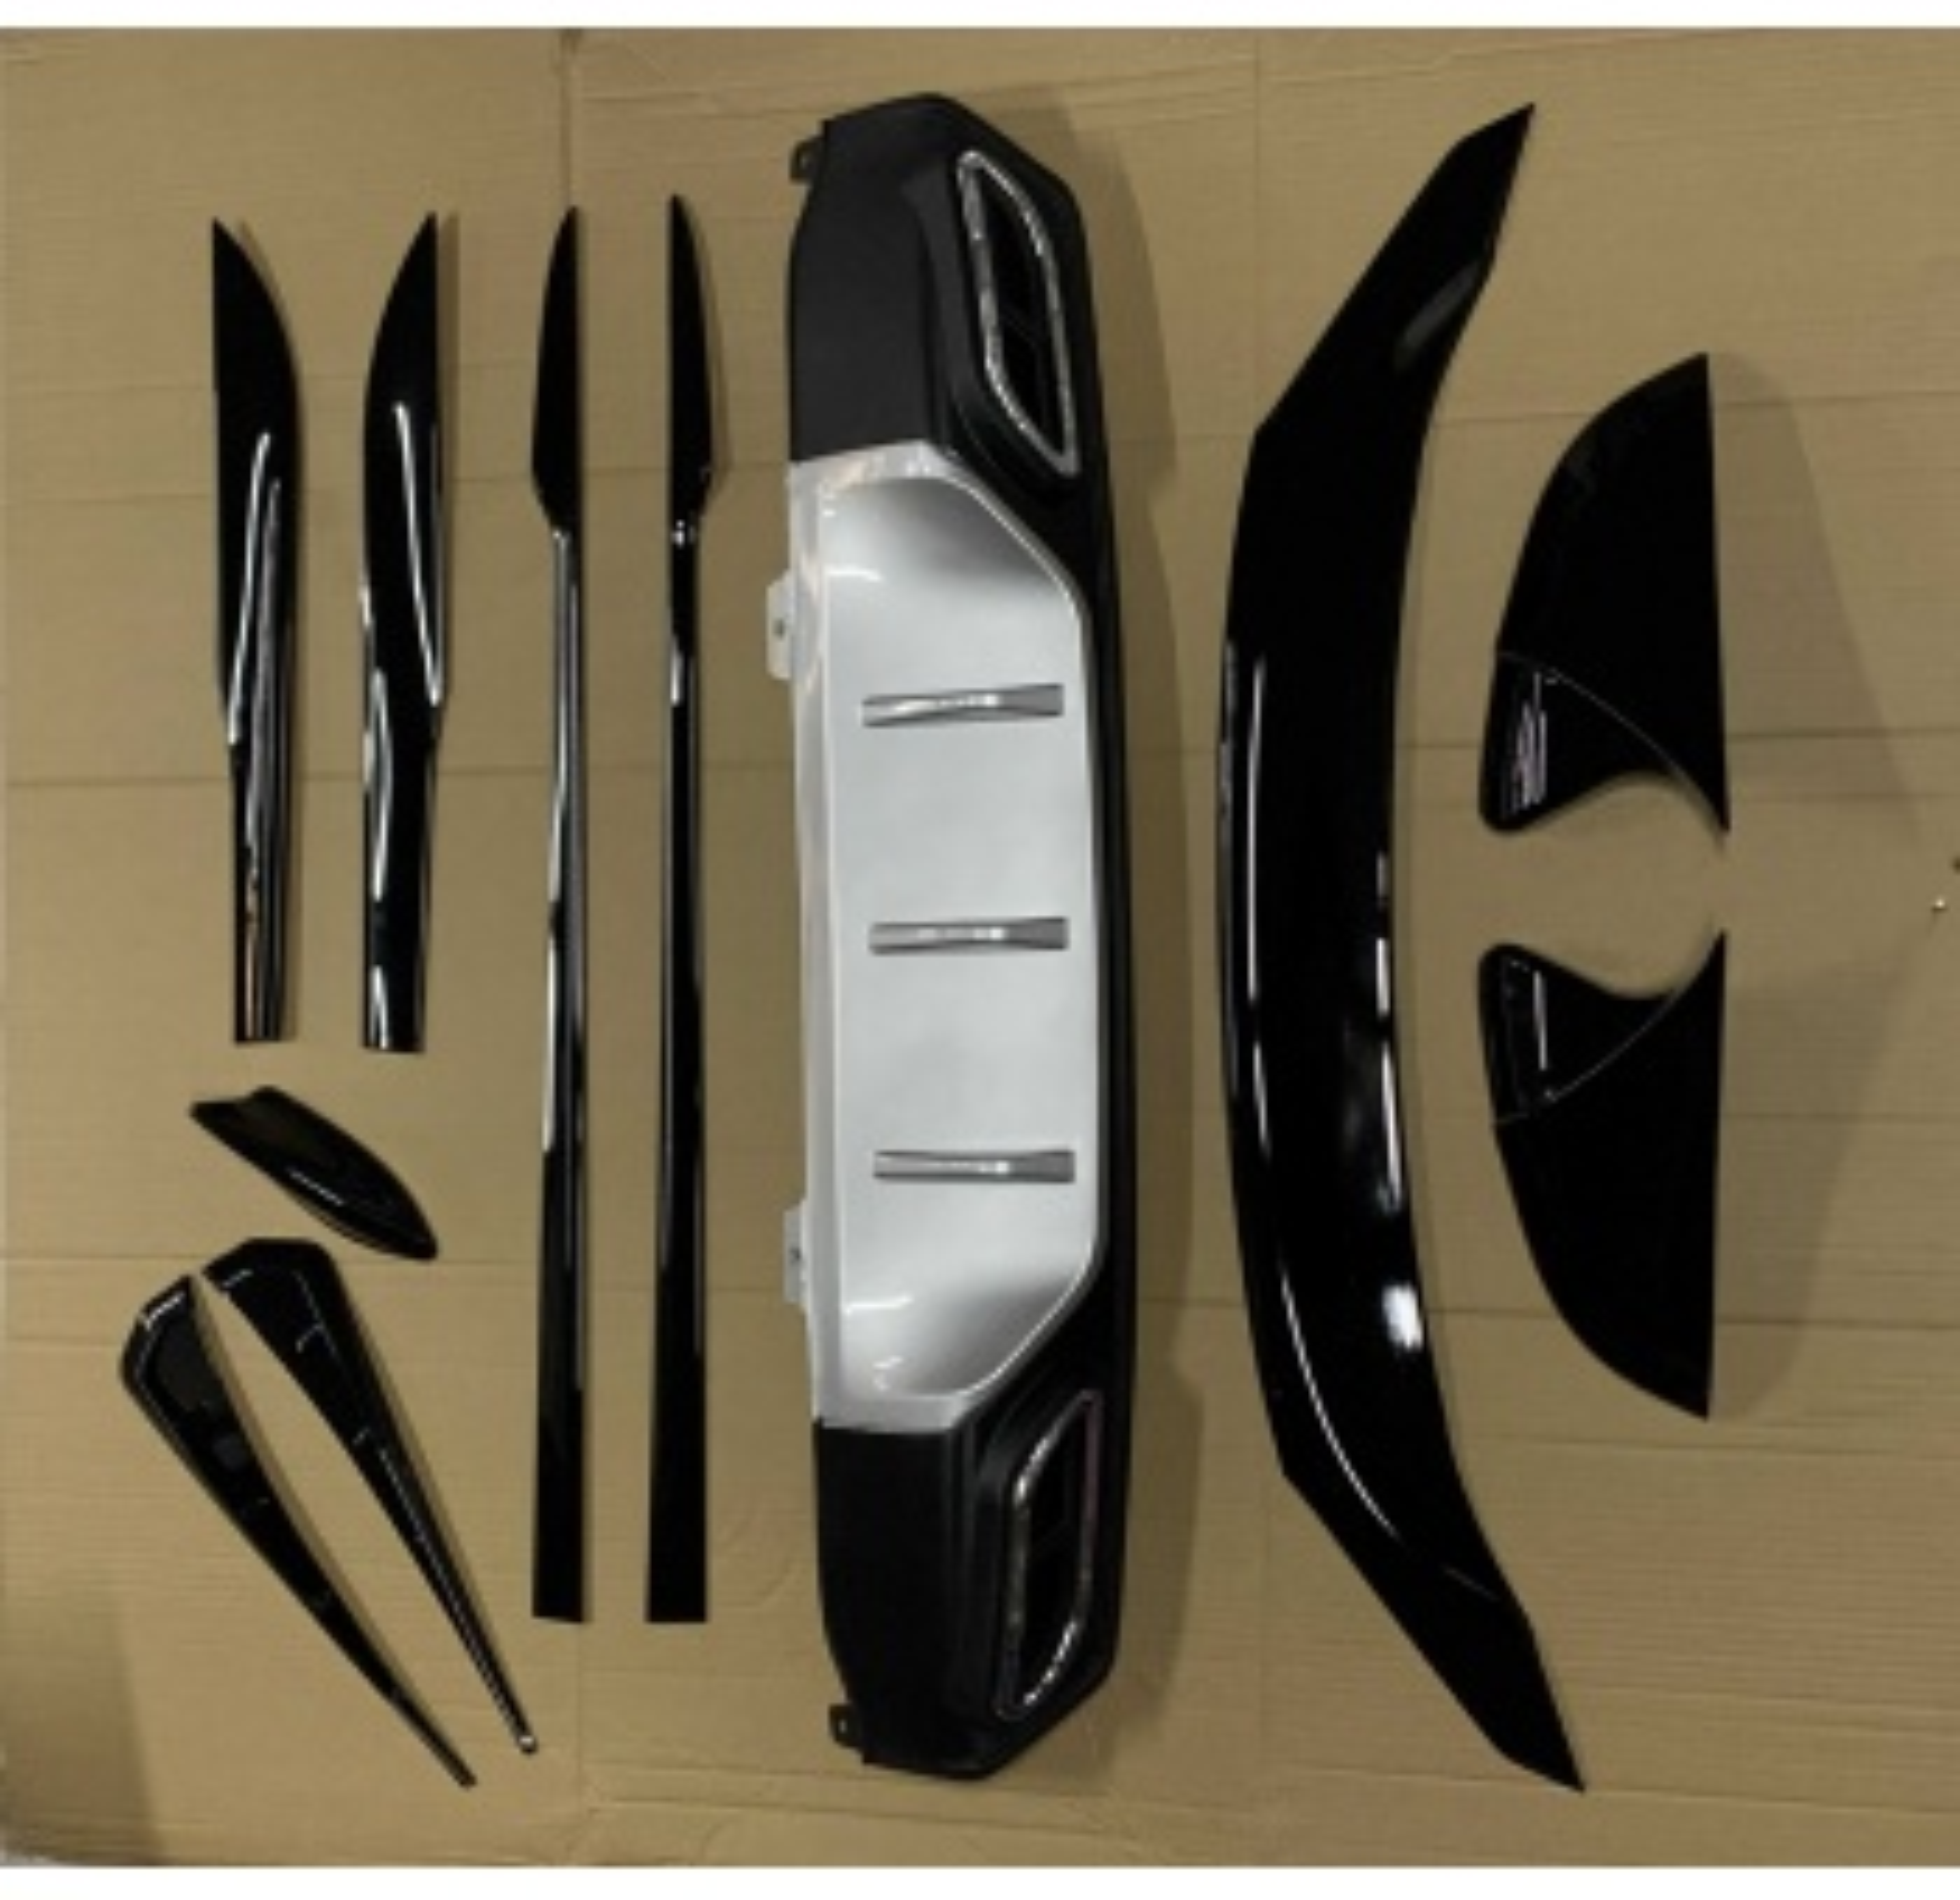 Honda Civic FC5 Aksesuar Kampanyası 6 Parça İTHAL